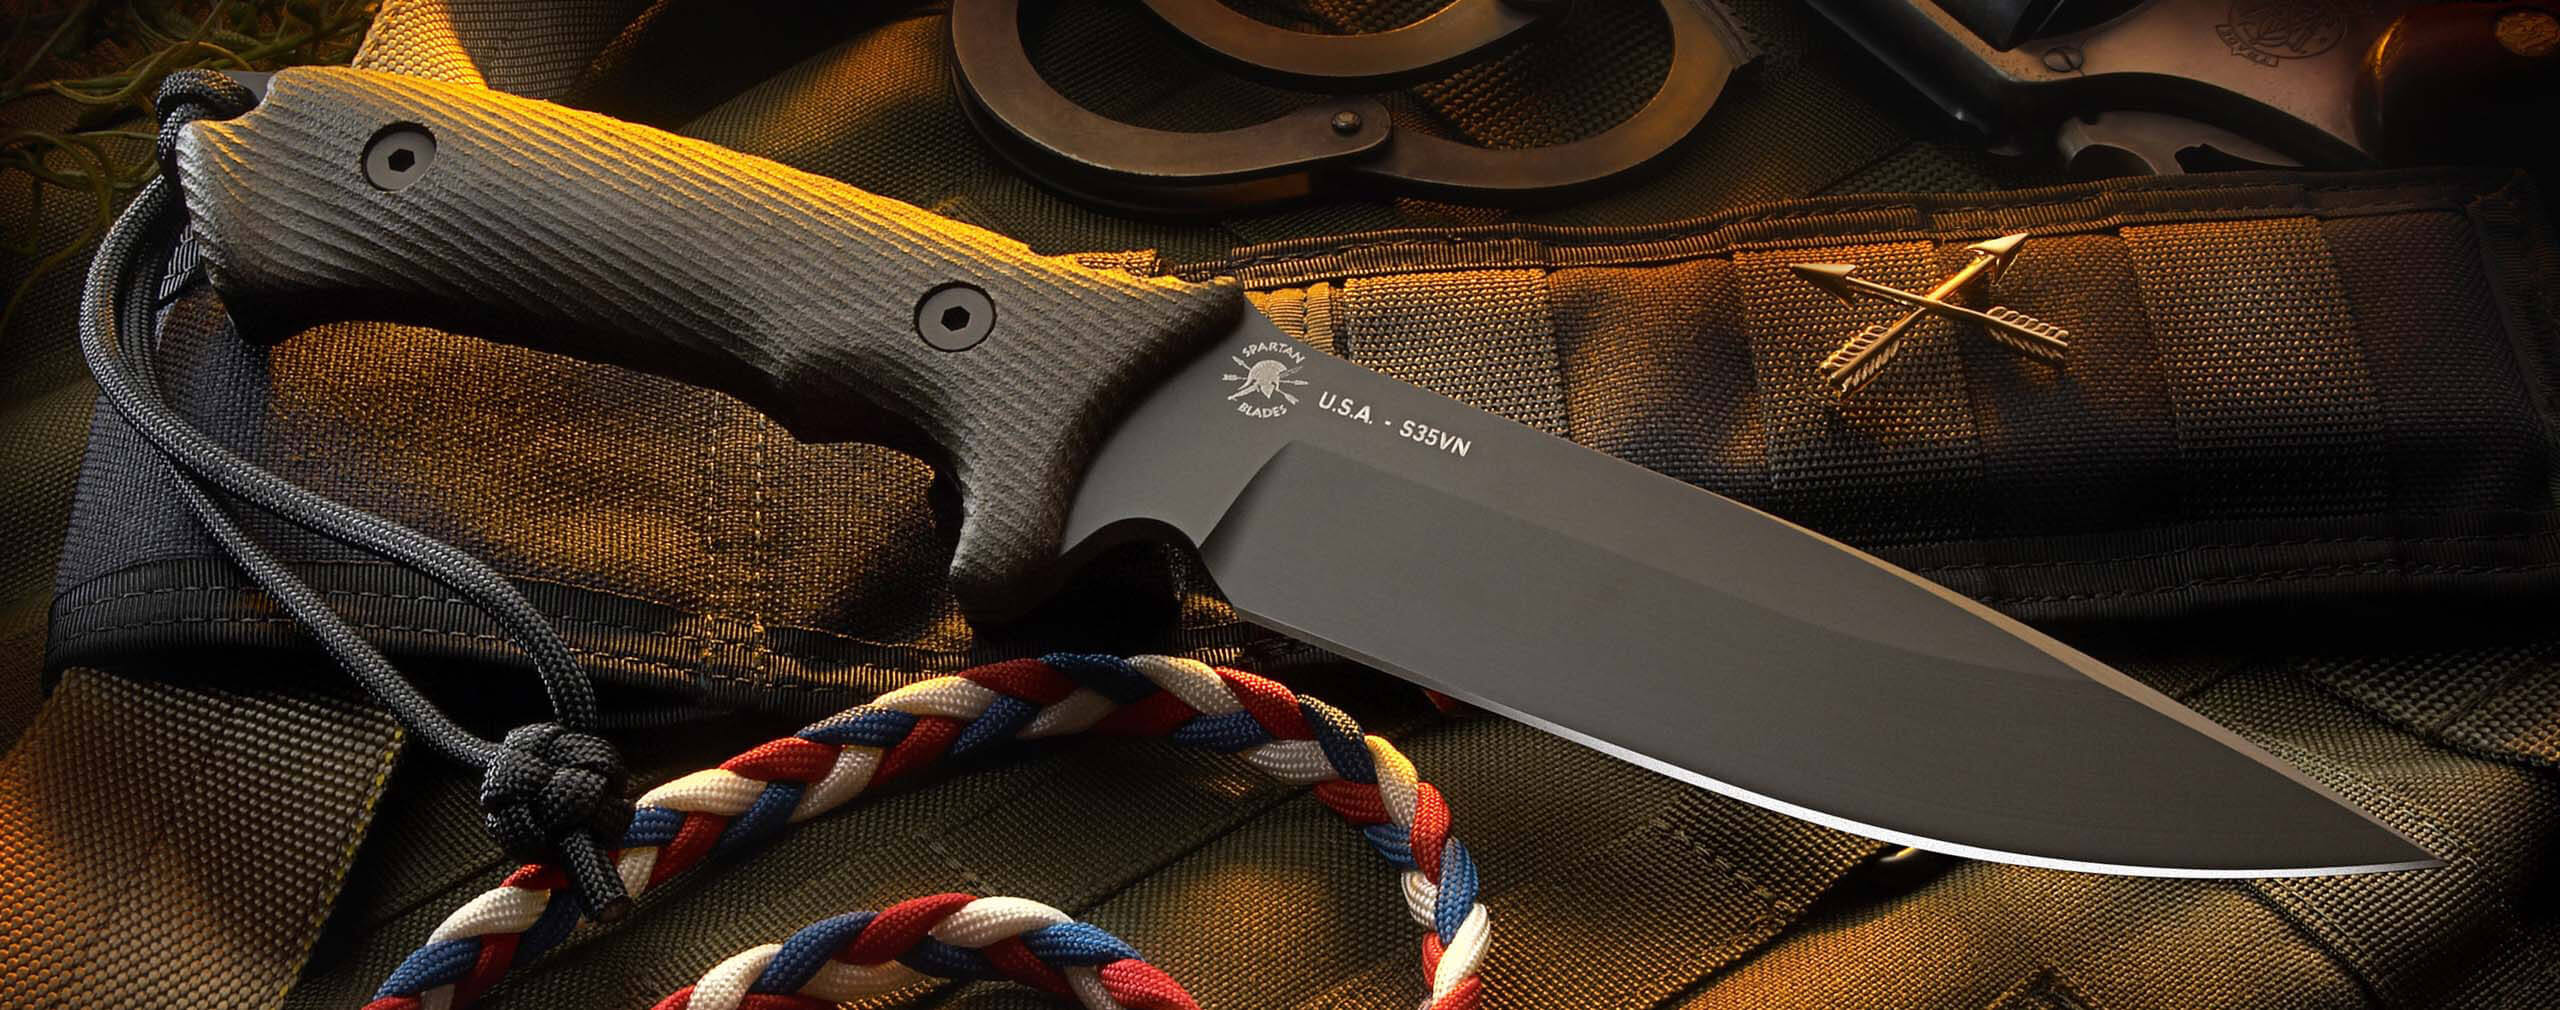 Spartan Blades | Custom Tactical, Combat, Pocket & Survival